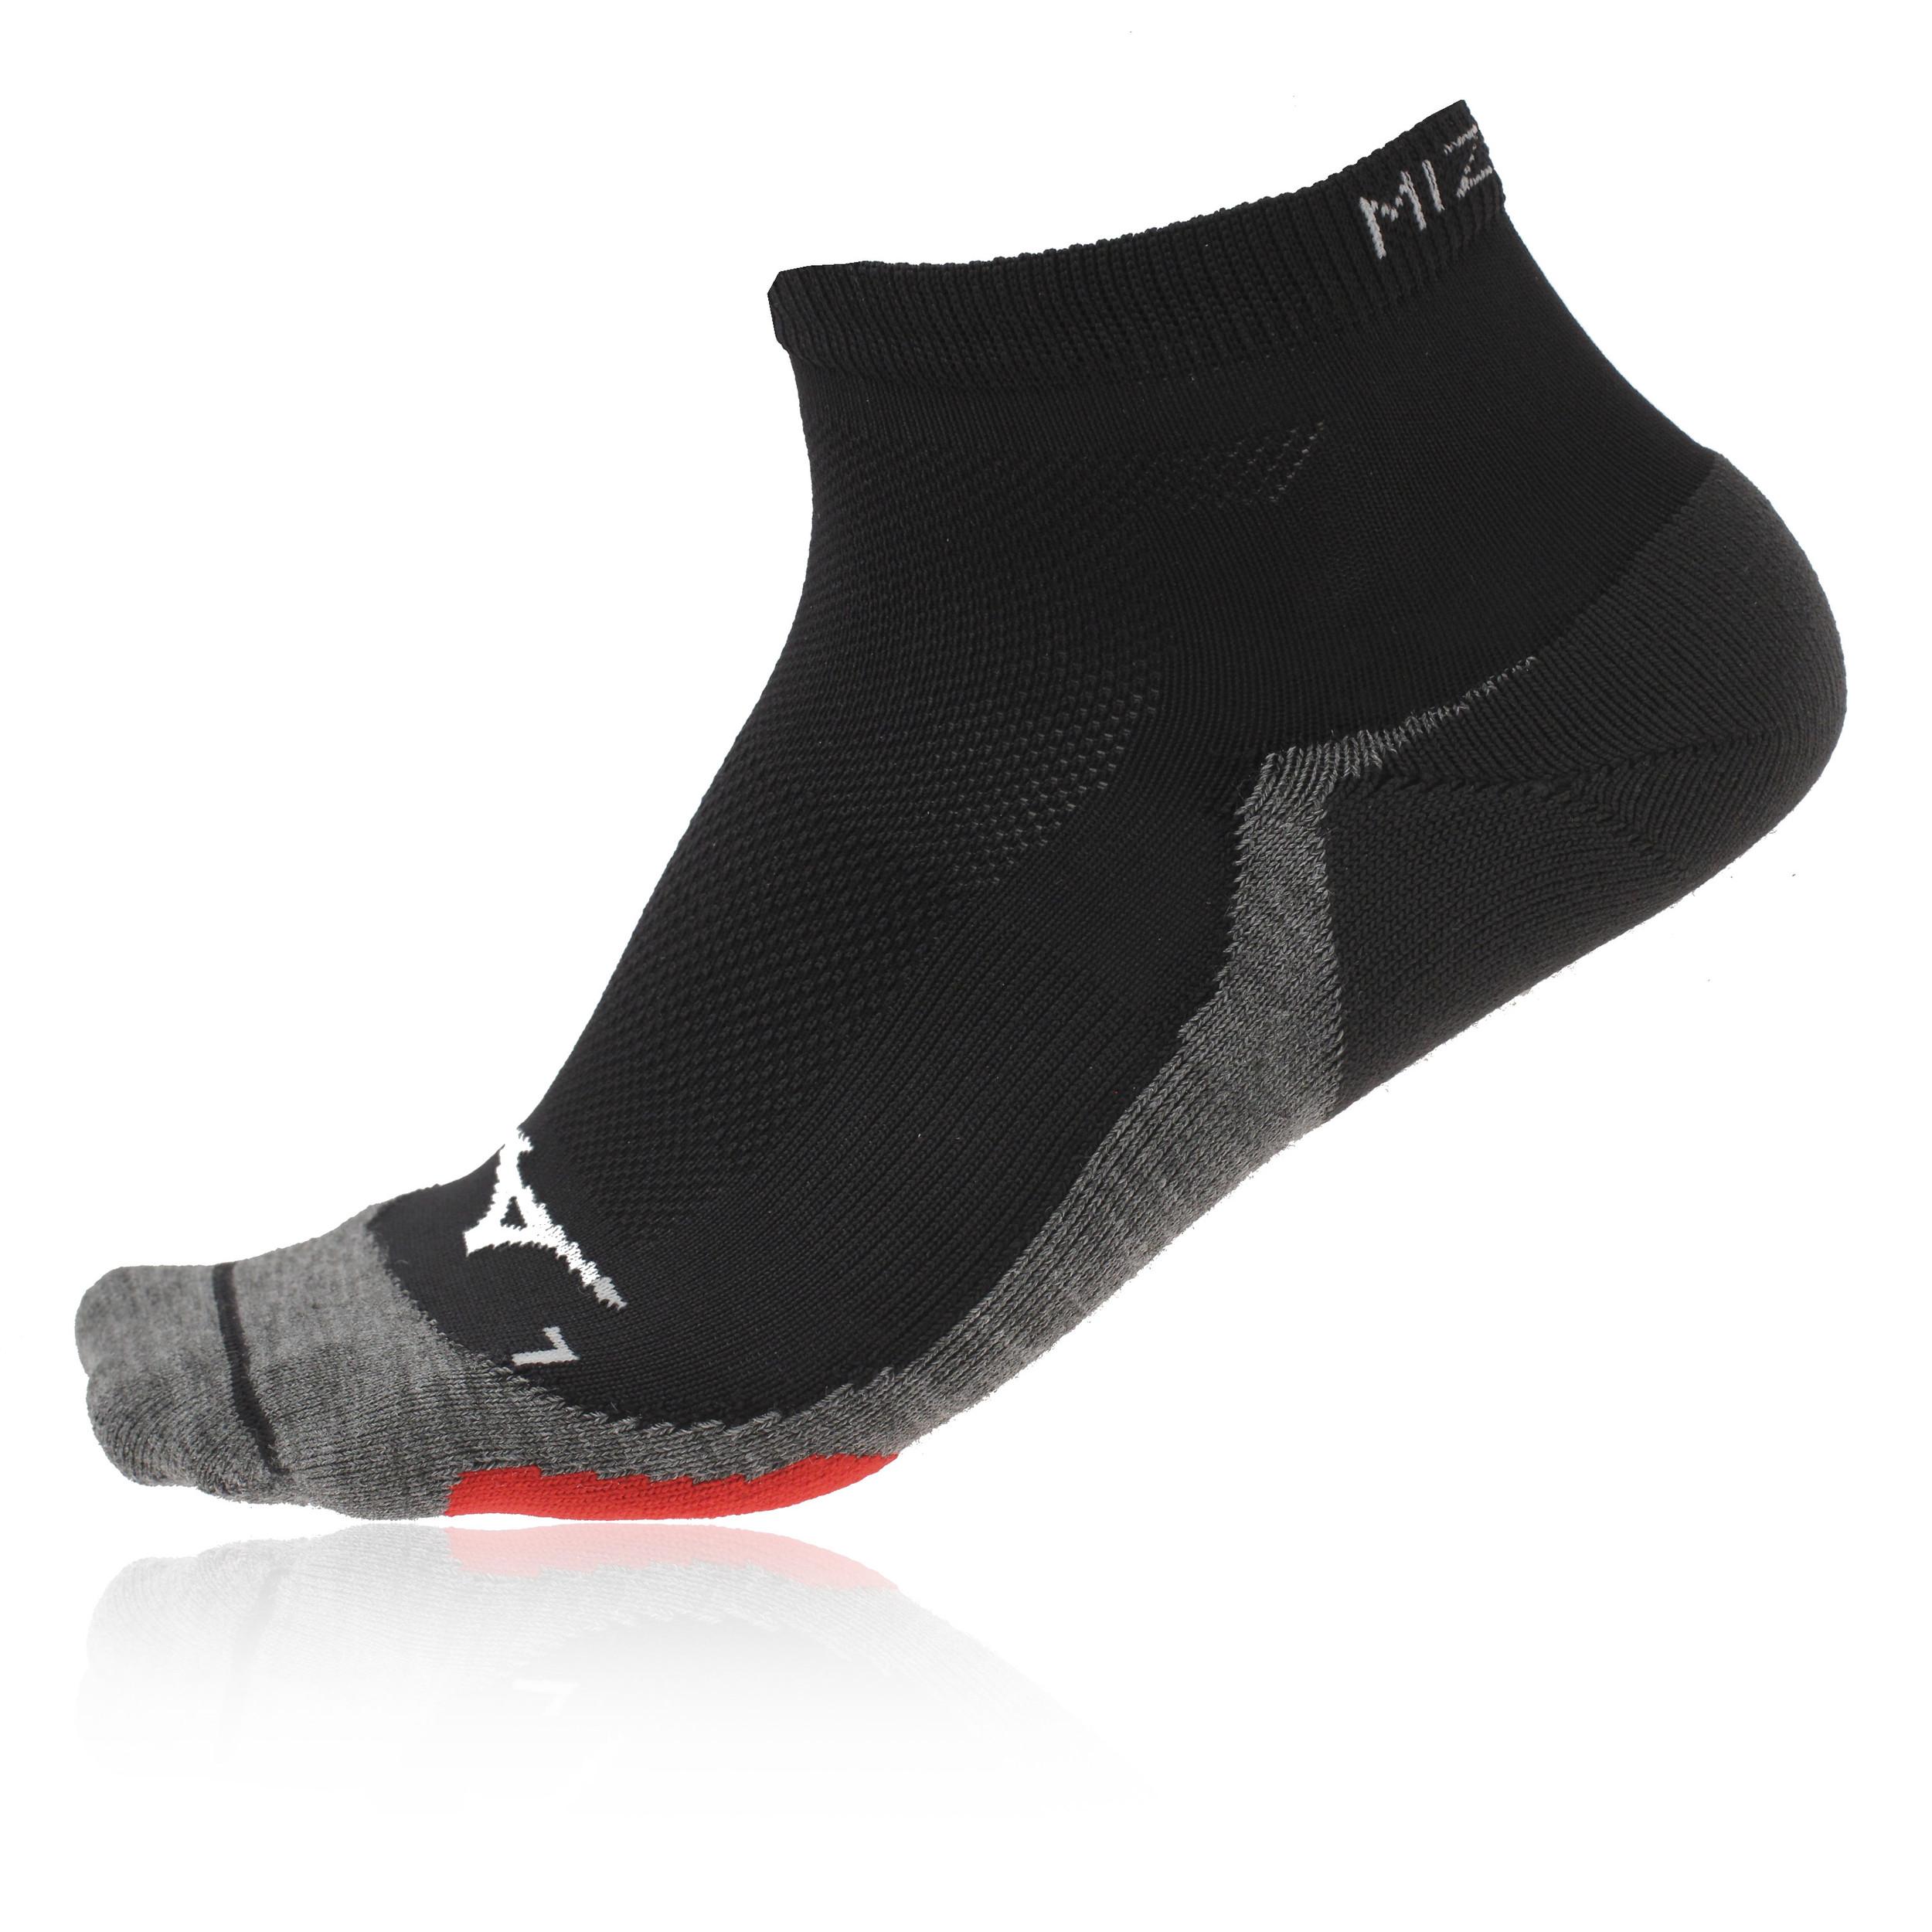 Mizuno DryLite Race Mid-Height Running Socks